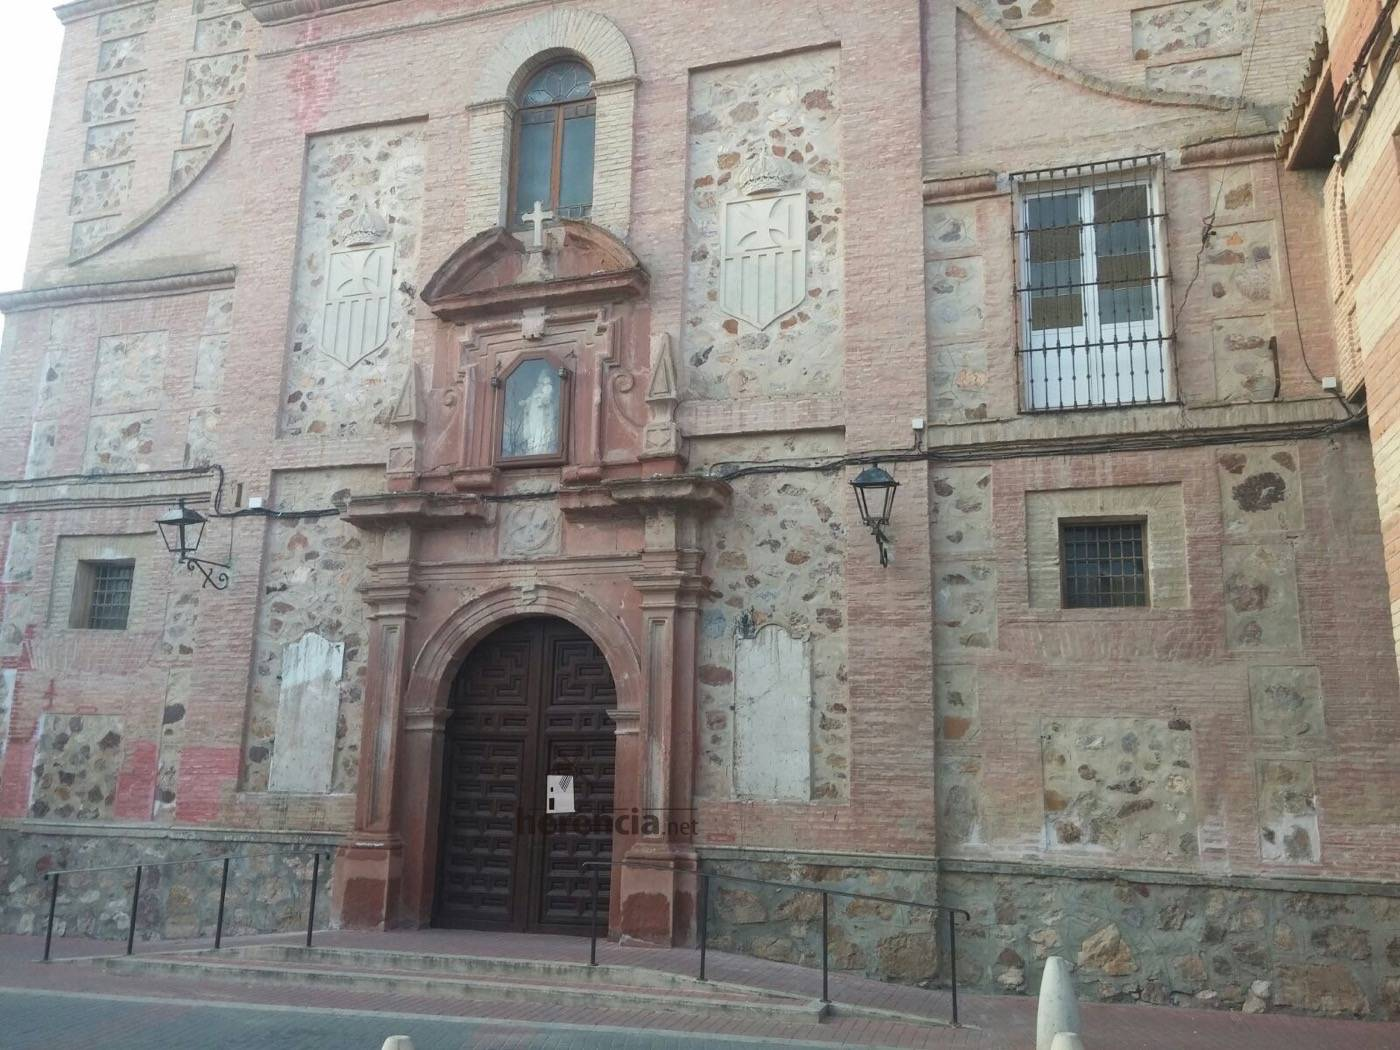 retirada de placas de fachada del convento en Herencia 1 - Confirmado, el Ayuntamiento retiró de madrugada las placas de la fachada del Convento